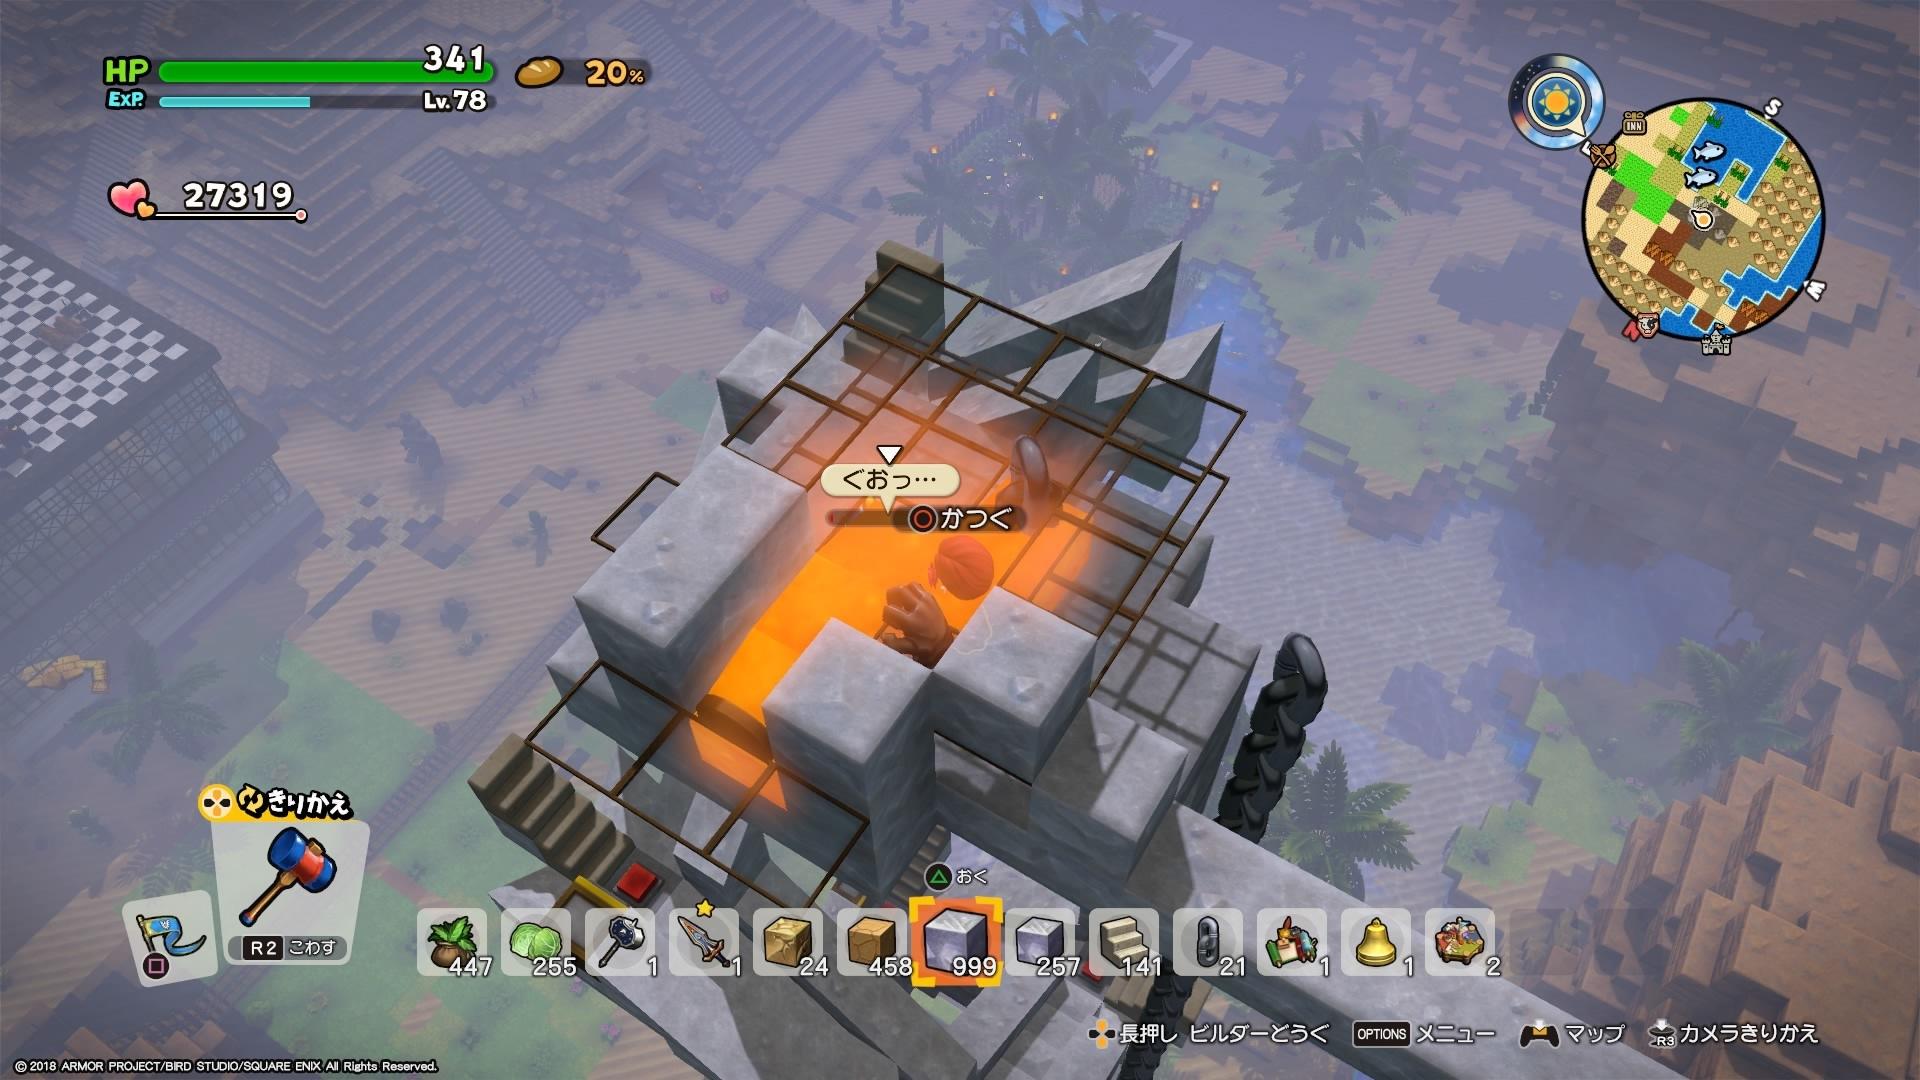 ドラゴンクエストビルダーズ2 破壊神シドーとからっぽの島_20190715122352